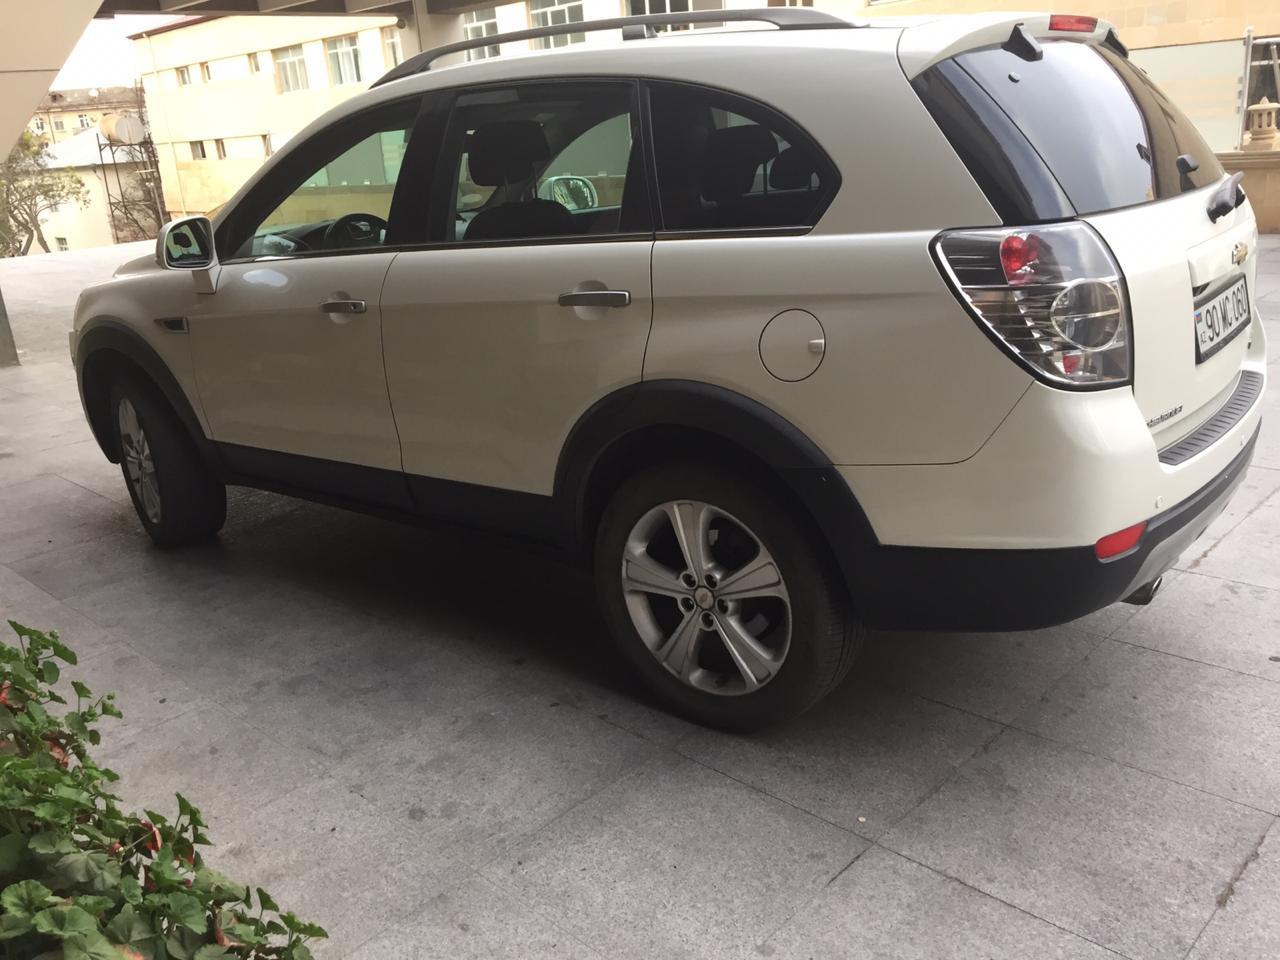 Chevrolet Captiva 3.0(lt) 2012 Подержанный  $16500